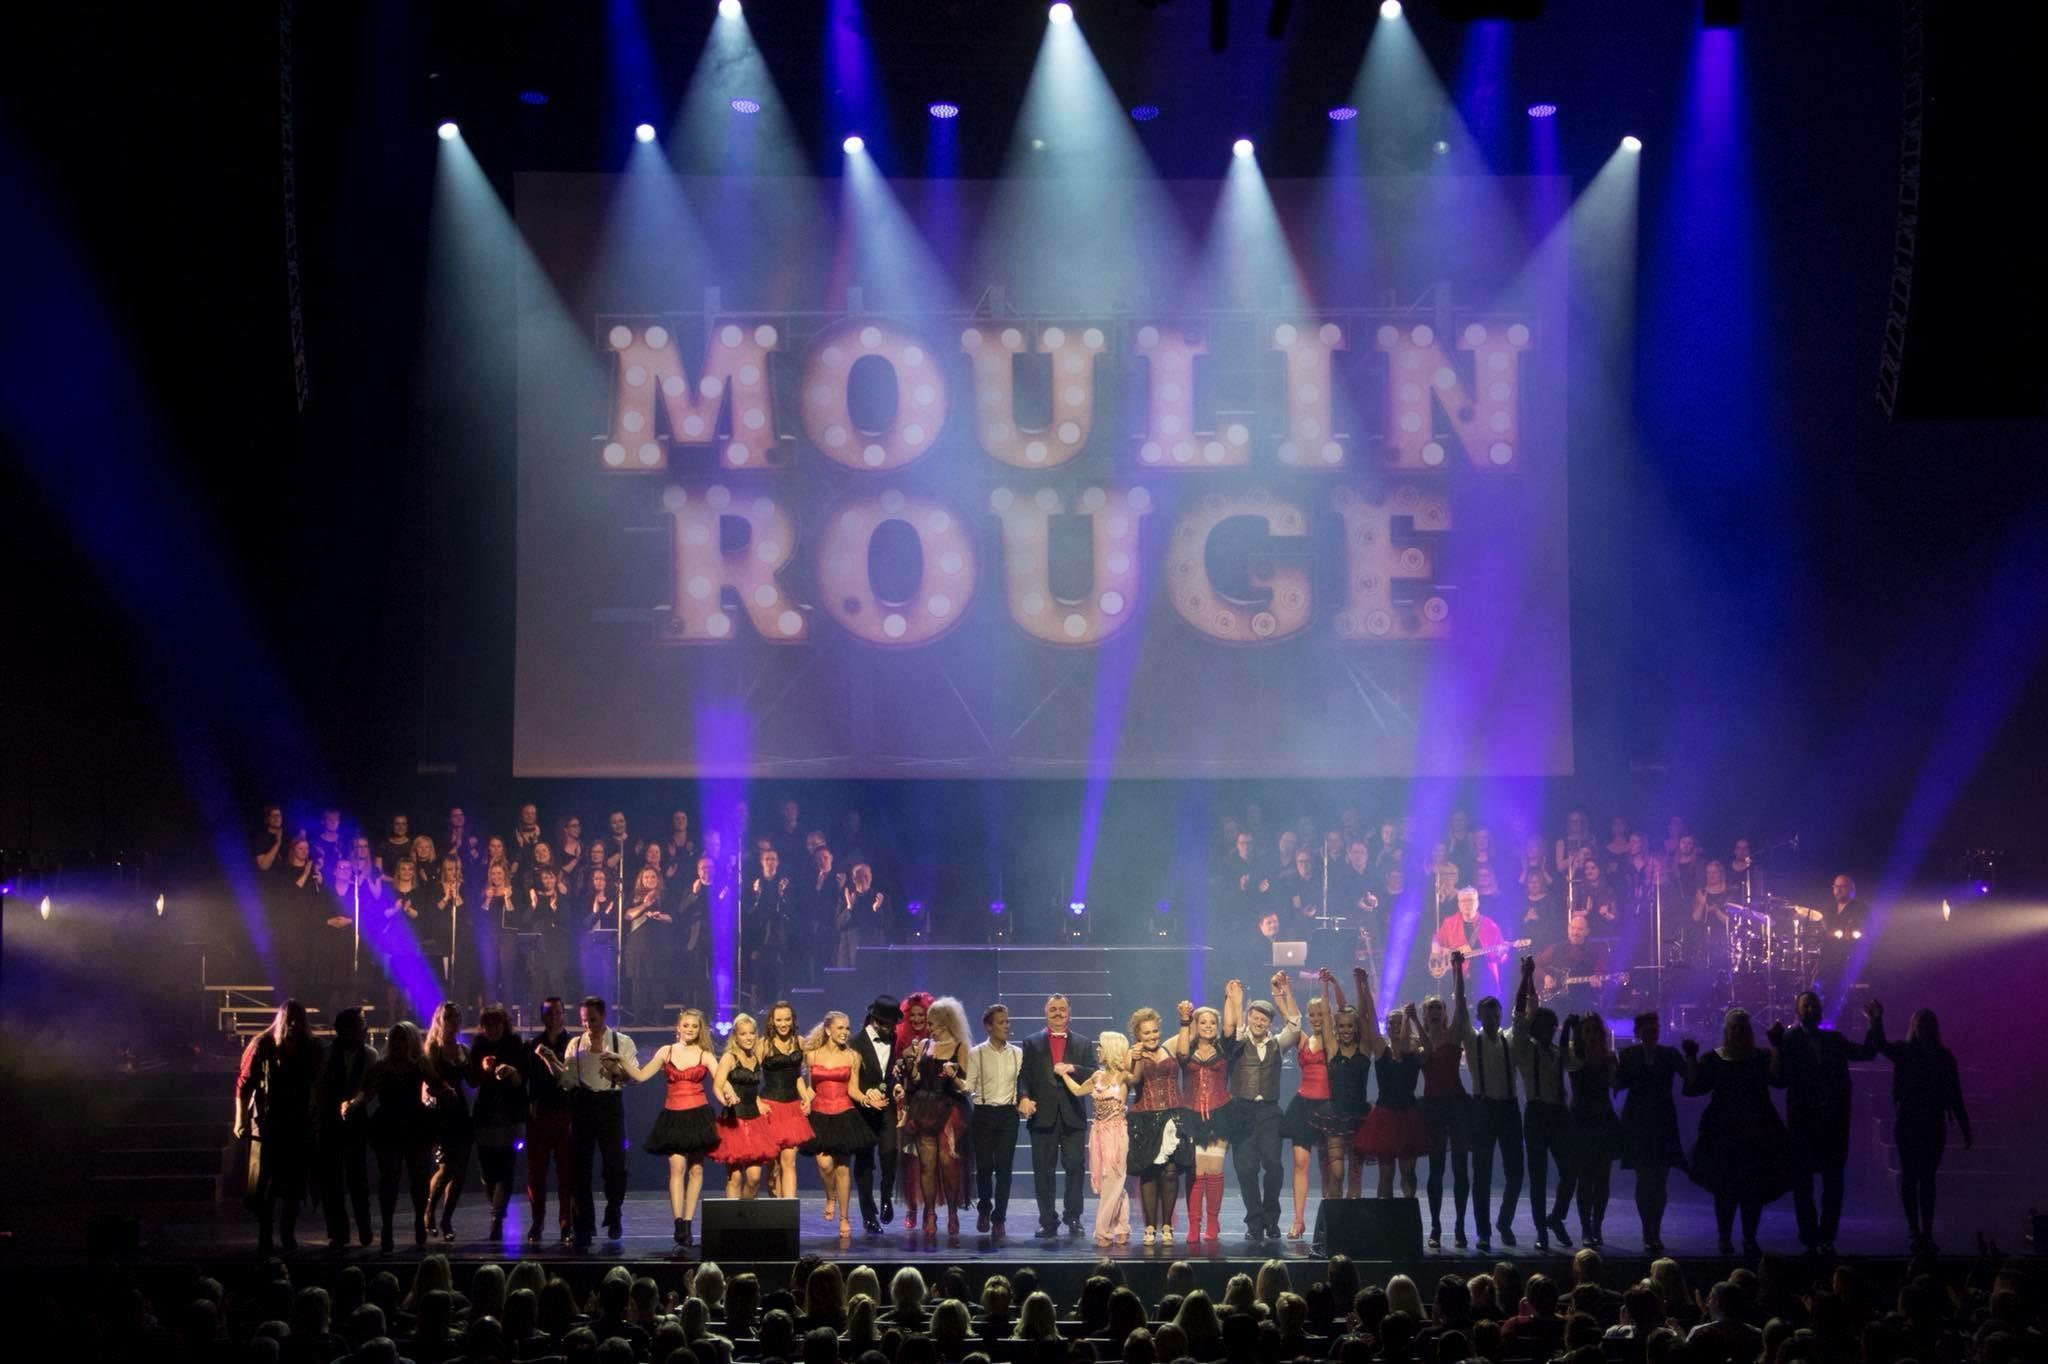 """Aufführung von """"Moulin Rouge"""", bei der Miriam Schmelz mitgewirkt hat; Copyright: Forte ehf"""